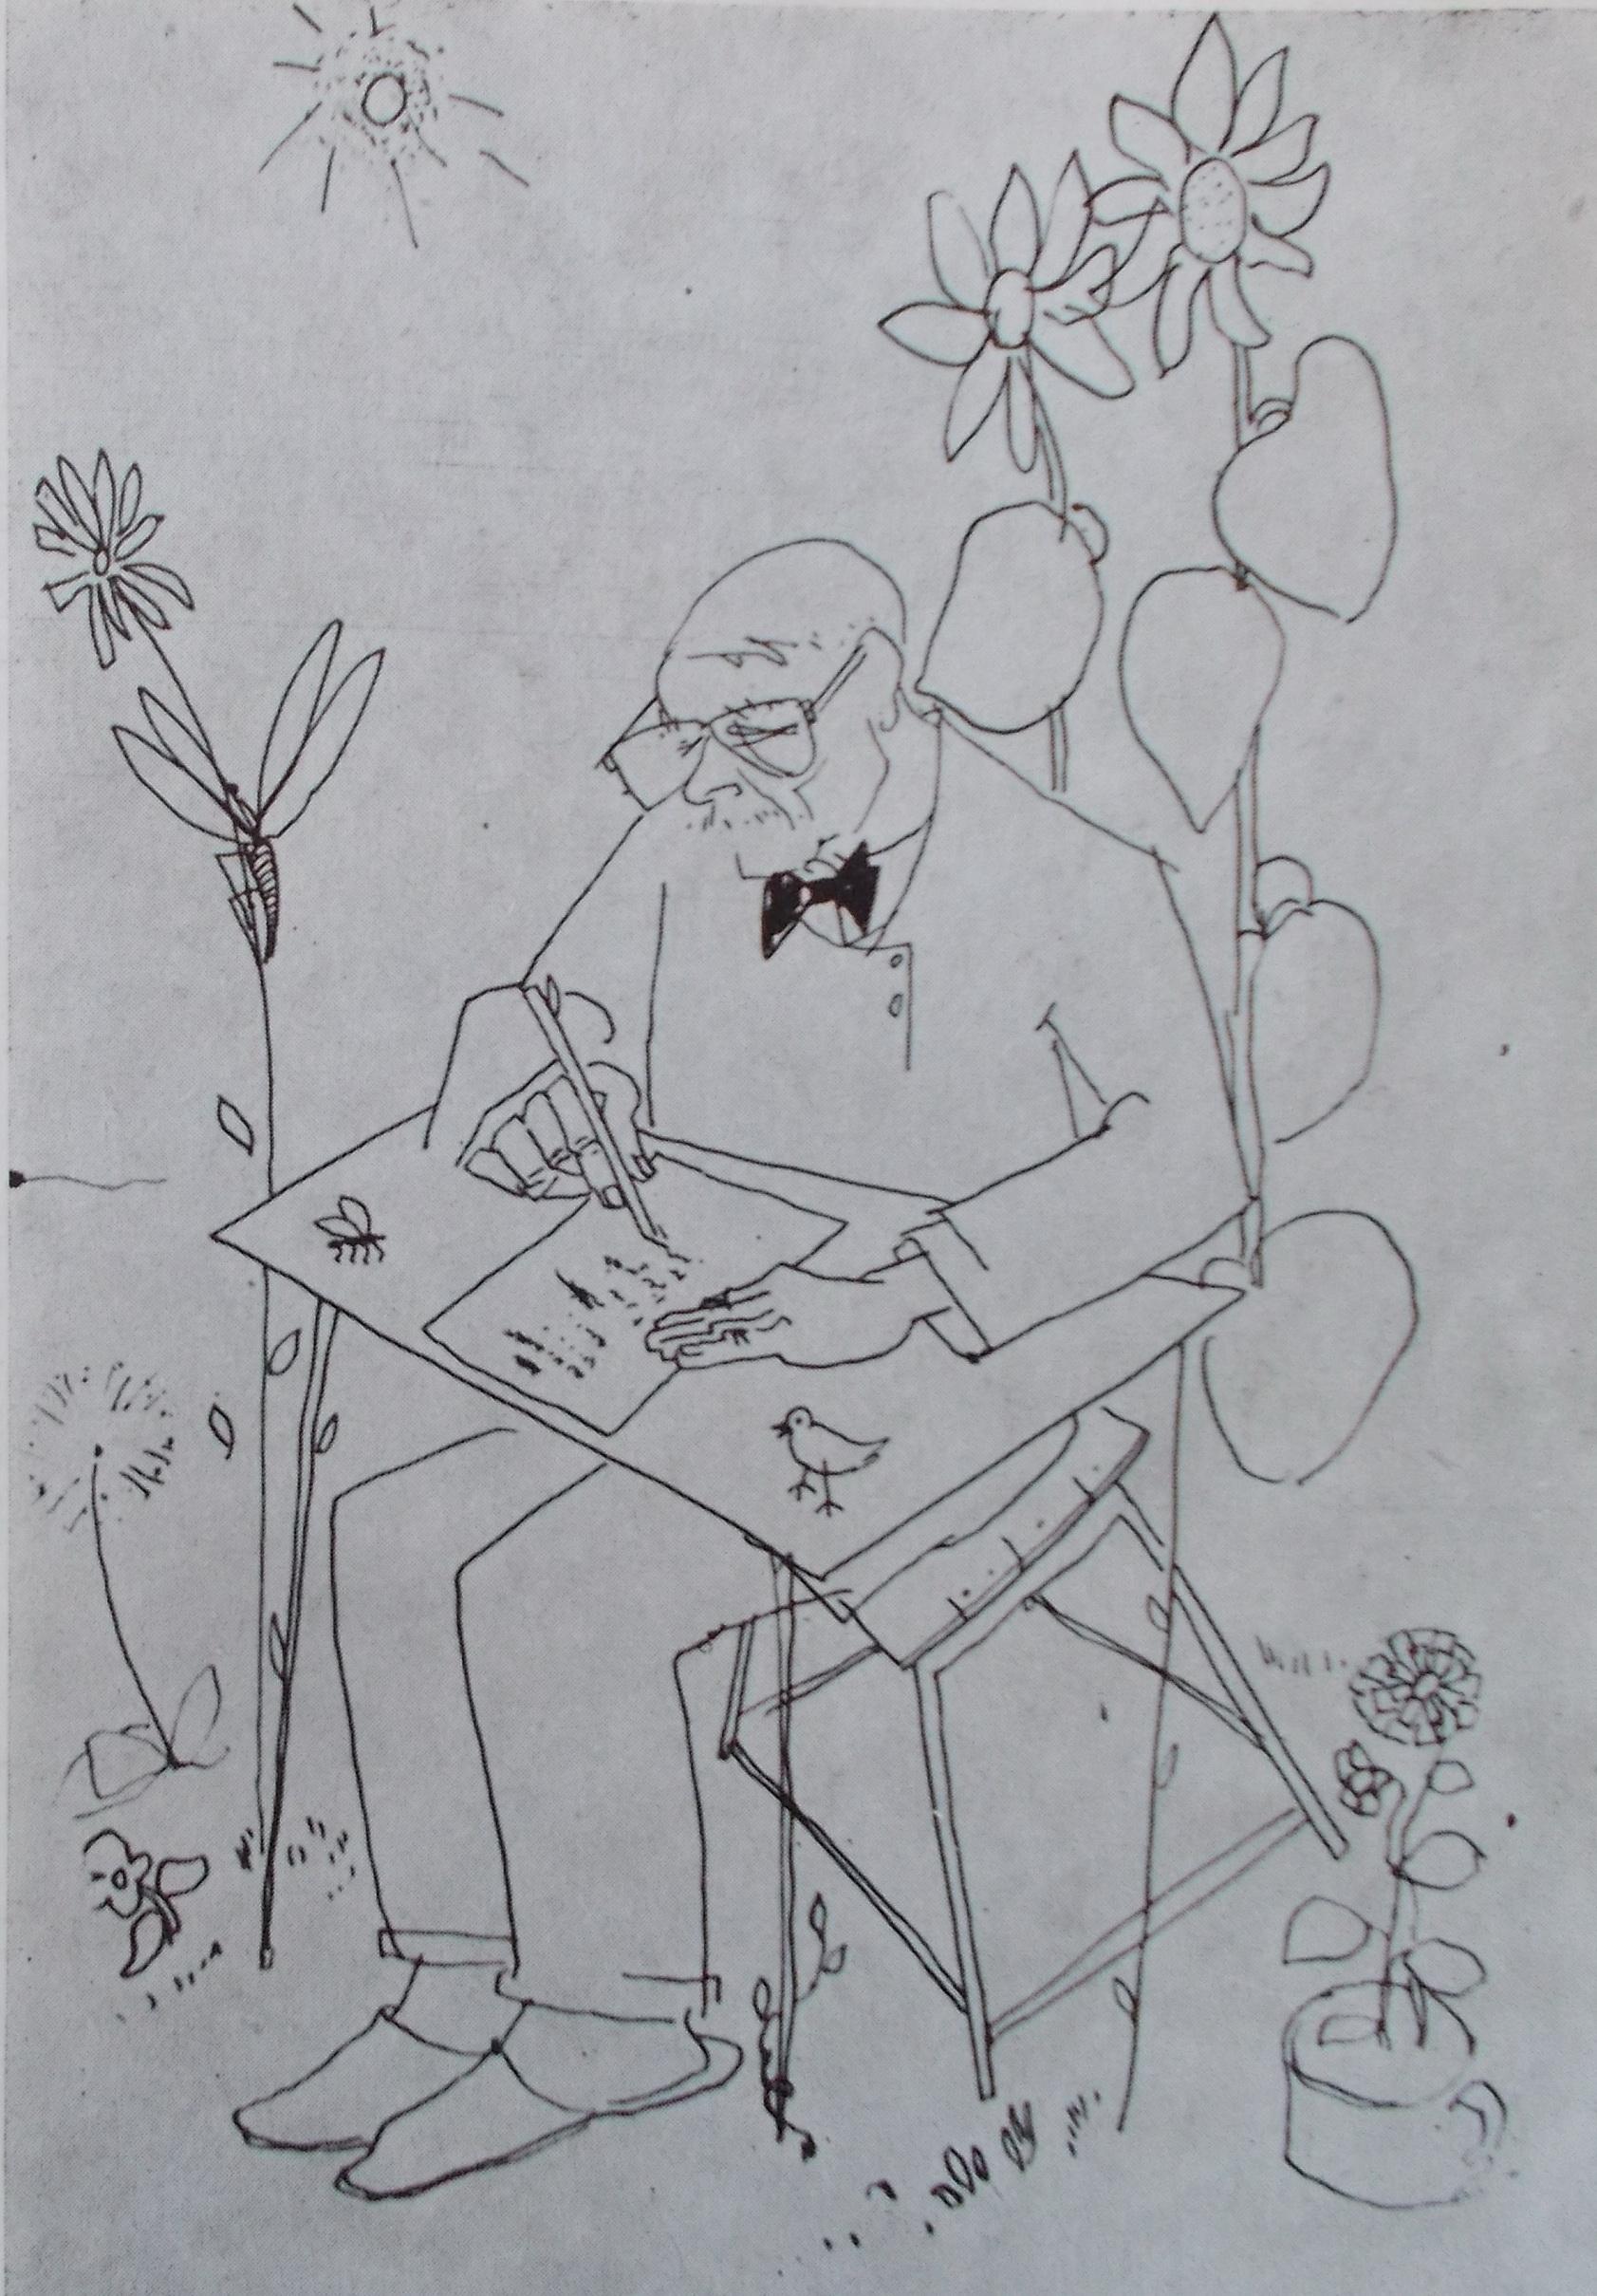 Illustration for Tudor Arghezi's Good Morning, Springtime